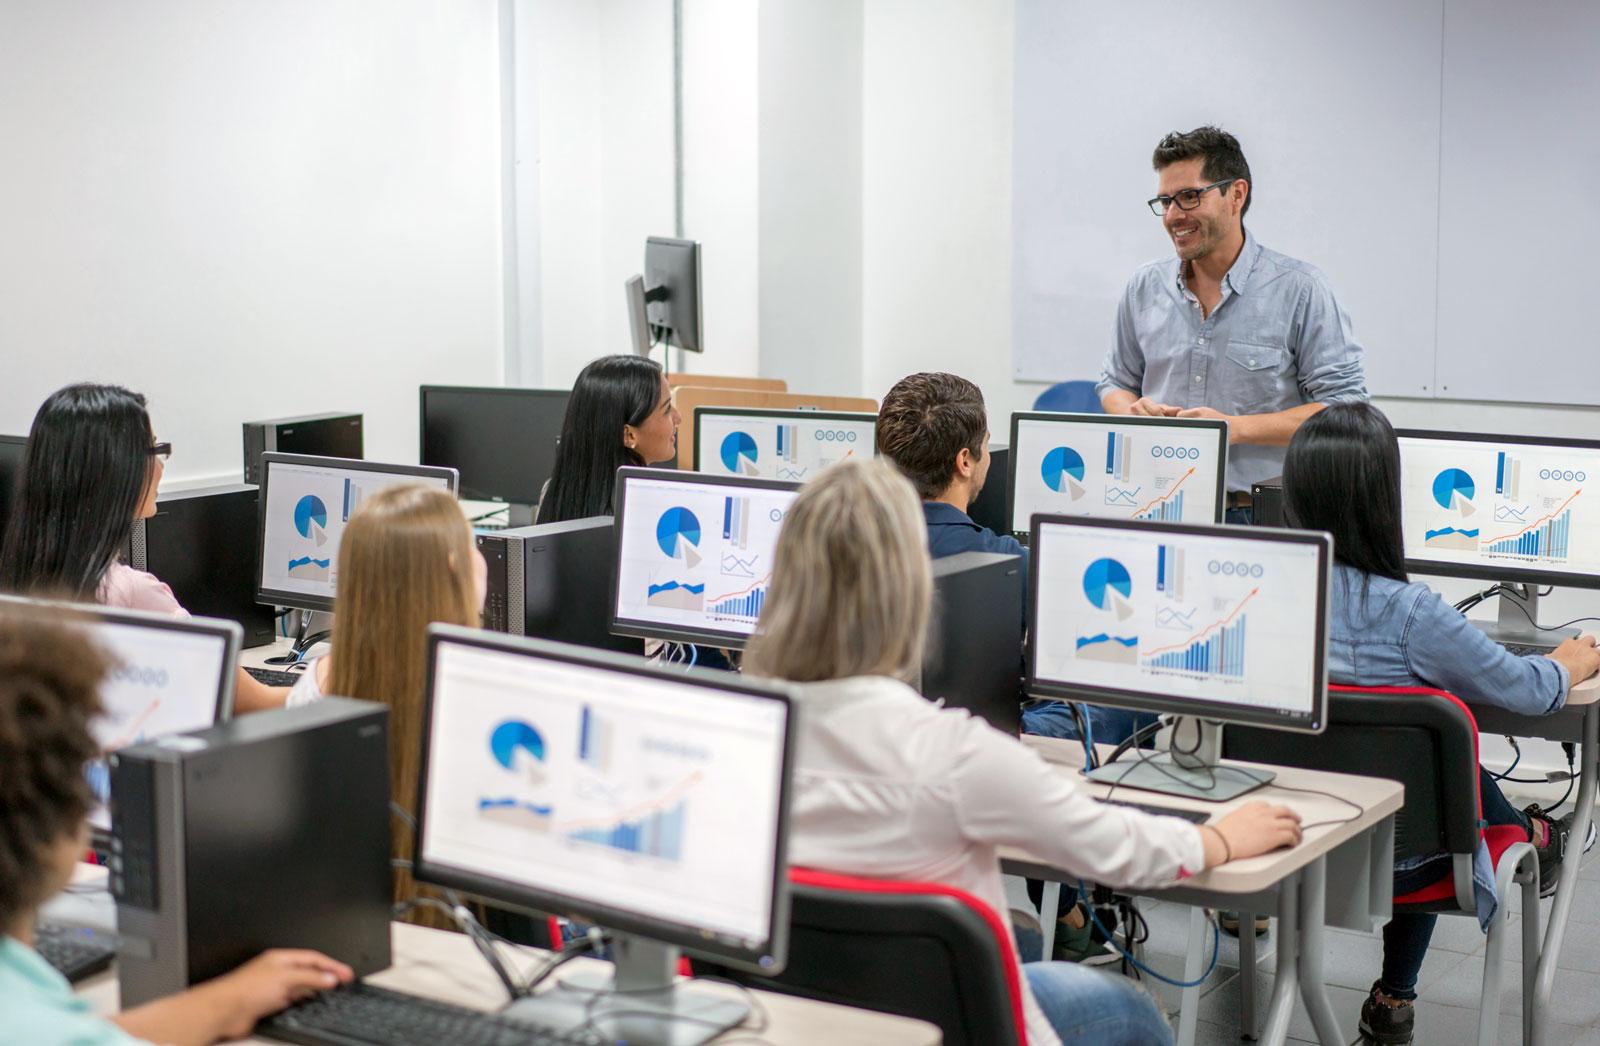 Digitale Transformation: Bei der schulischen Bildung gibt es Nachholbedarf.